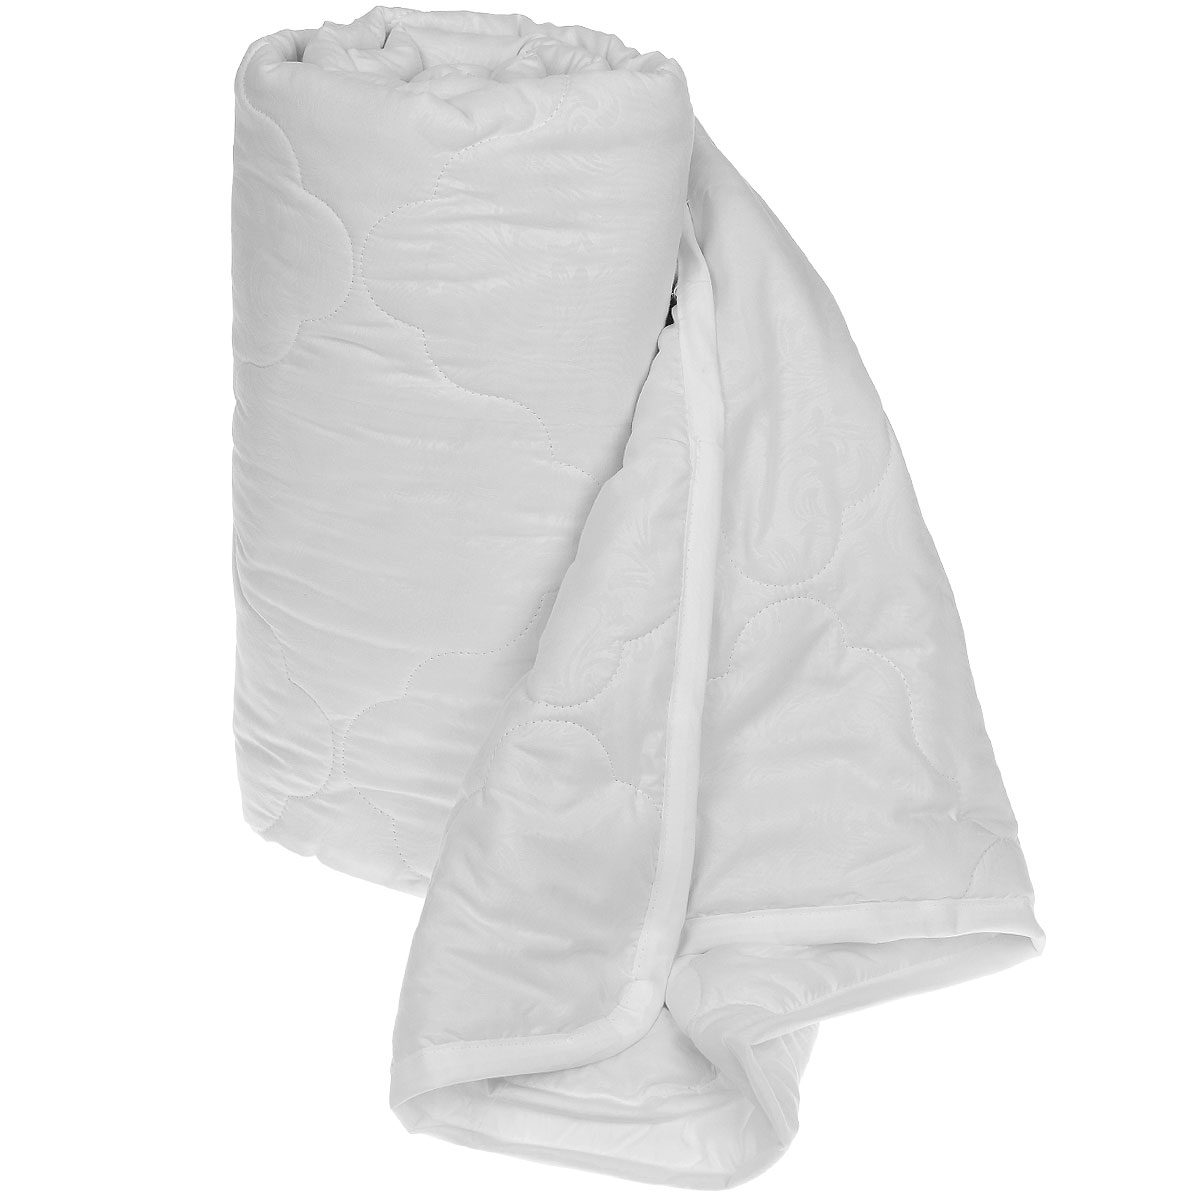 Одеяло Sova & Javoronok Бамбук, наполнитель: бамбуковое волокно, цвет: белый, 200 см х 220 см05030116084Одеяло Sova & Javoronok Бамбук подарит комфорт и уют во время сна. Чехол, выполненный из микрофибры (100% полиэстера), оформлен стежкой и надежно удерживает наполнитель внутри. Волокно на основе бамбука - инновационный наполнитель, обладающий за счет своей пористой структуры хорошей воздухонепроницаемостью и высокой гигроскопичностью, обеспечивает оптимальный уровень влажности во время сна и создает чувство прохлады в жаркие дни.Антибактериальный эффект наполнителя достигается за счет содержания в нем специального компонента, а также за счет поглощения влаги, что создает сухой микроклимат, препятствующий росту бактерий. Основные свойства волокна: - хорошая терморегуляция, - свободная циркуляция воздуха, - антибактериальные свойства, - повышенная гигроскопичность, - мягкость и легкость, - удобство в эксплуатации и легкость стирки. Рекомендации по уходу: - Стирка запрещена. - Не отбеливать, не использовать хлоросодержащие моющие средства и стиральные порошки с отбеливателями.- Не выжимать в стиральной машине.- Чистка только с углеводородом, хлорным этиленом и монофтортрихлорметаном.Размер одеяла: 200 см х 220 см. Материал чехла: микрофибра (100% полиэстер). Материал наполнителя: бамбуковое волокно.